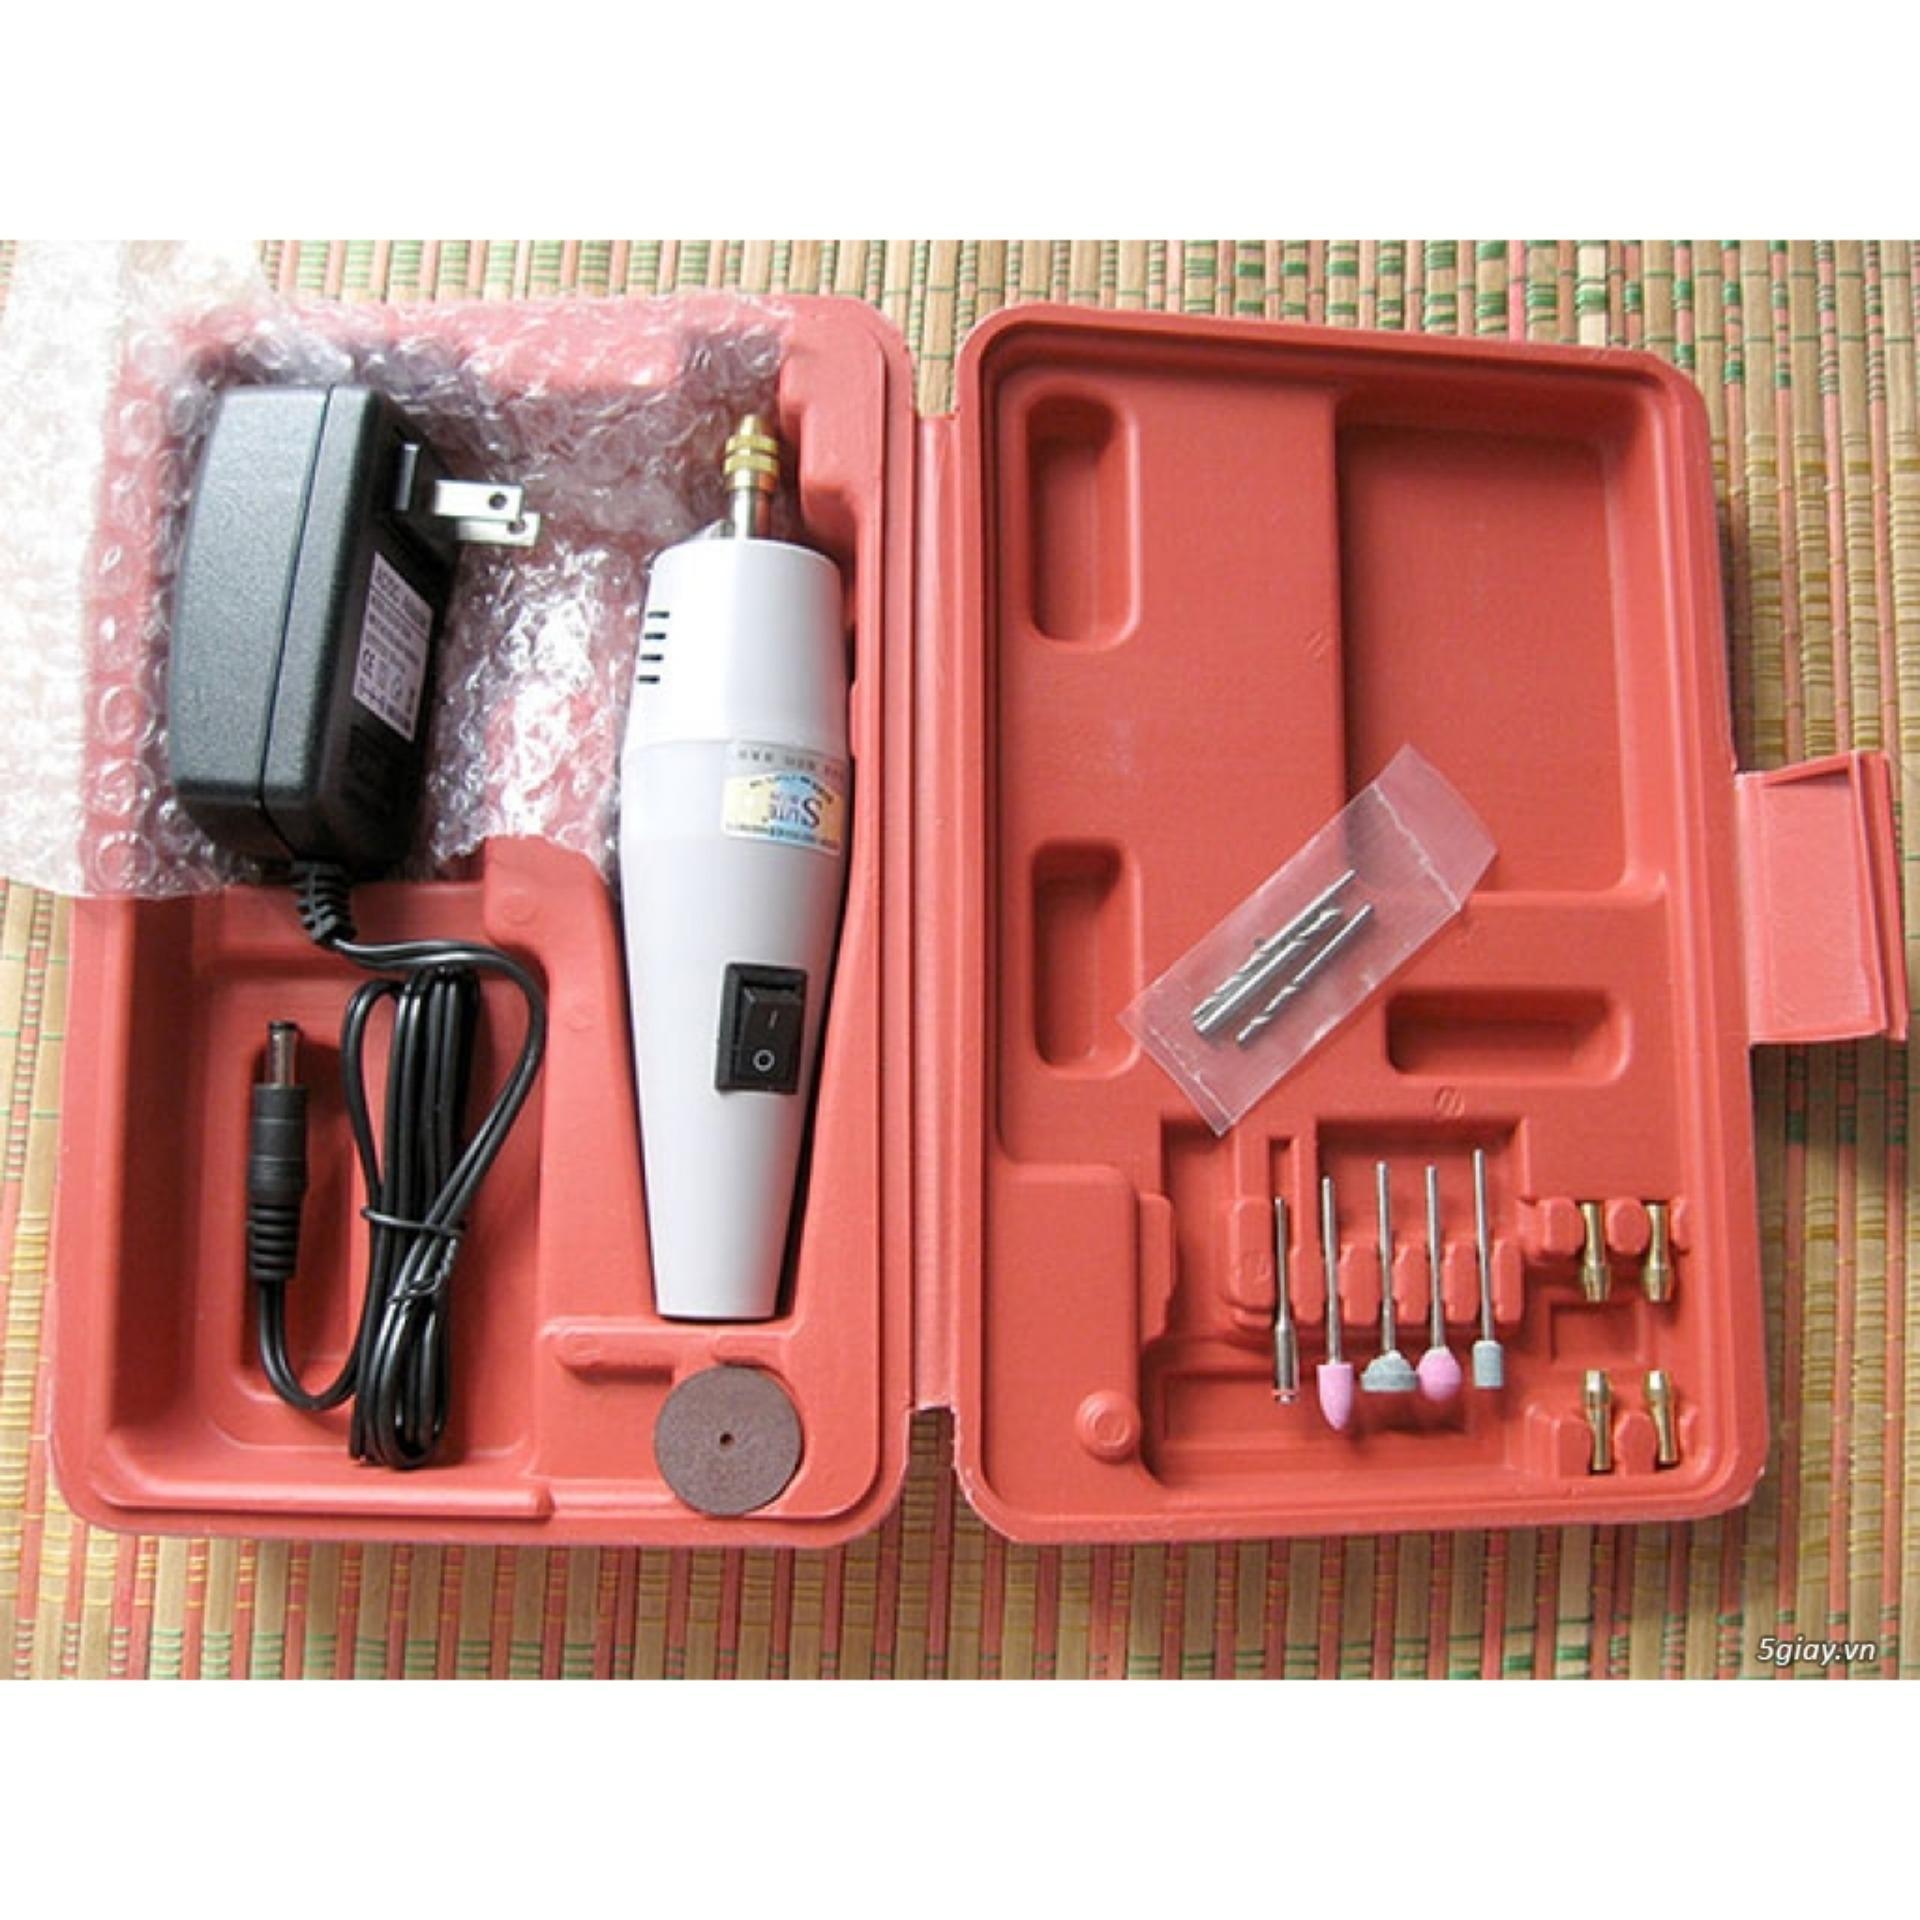 May khoan tay/  Máy cắt sắt cầm tay/  Máy khoan, cắt, mài mini đa năng : Máy quay nhanh và mạnh, Sử dụng AC 12V- 0904